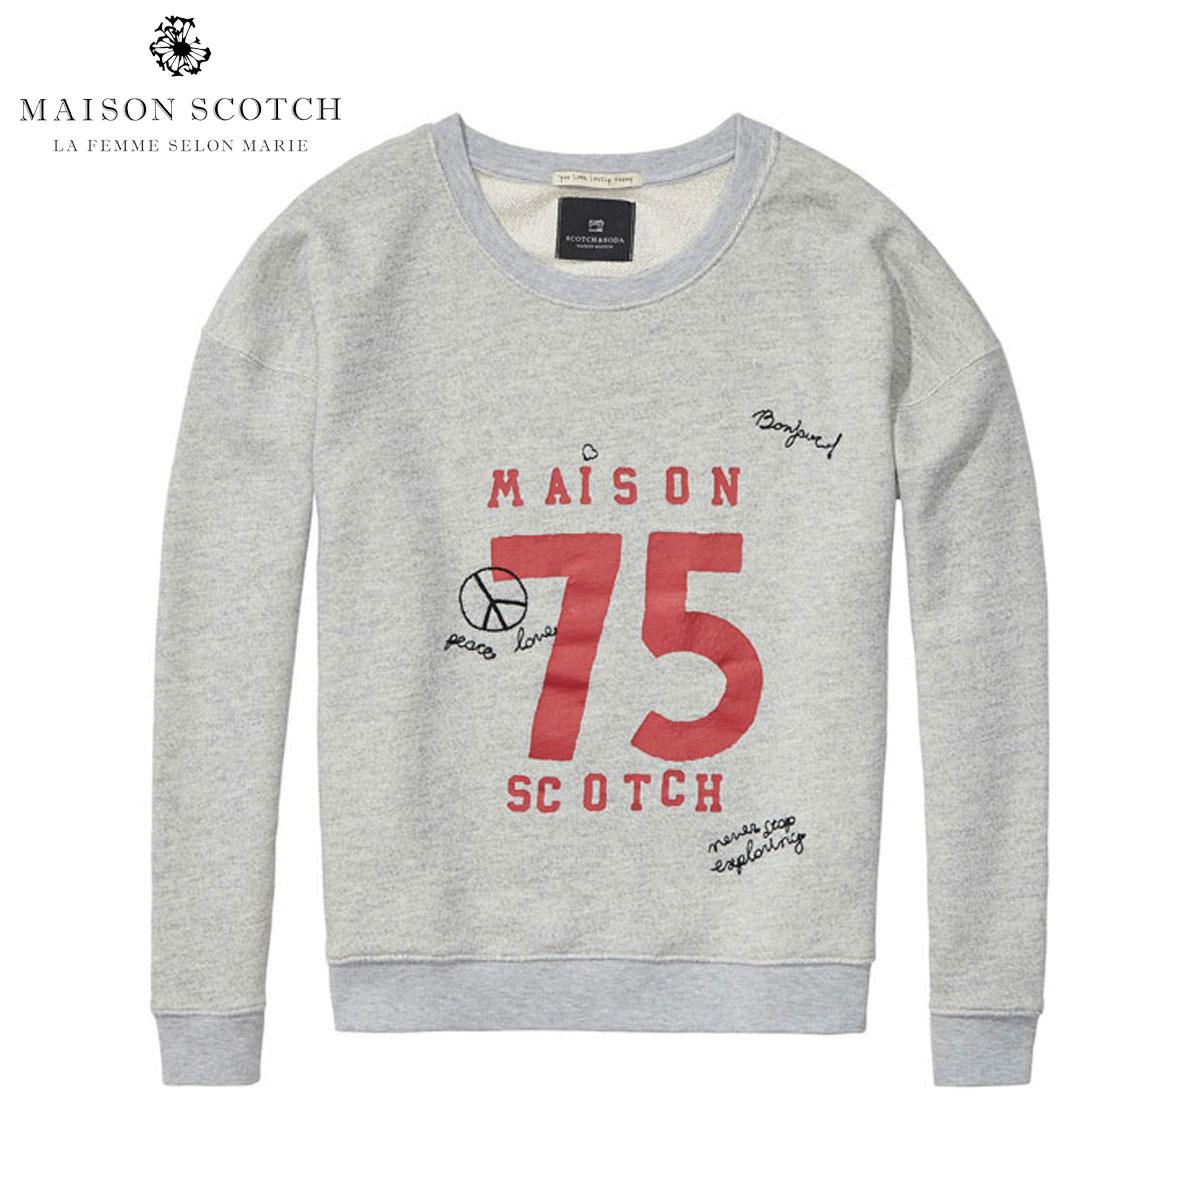 メゾンスコッチ MAISON SCOTCH 正規販売店 レディース トレーナー Easy crew neck sweat with 'Maison' artworks 131201 970 D00S20